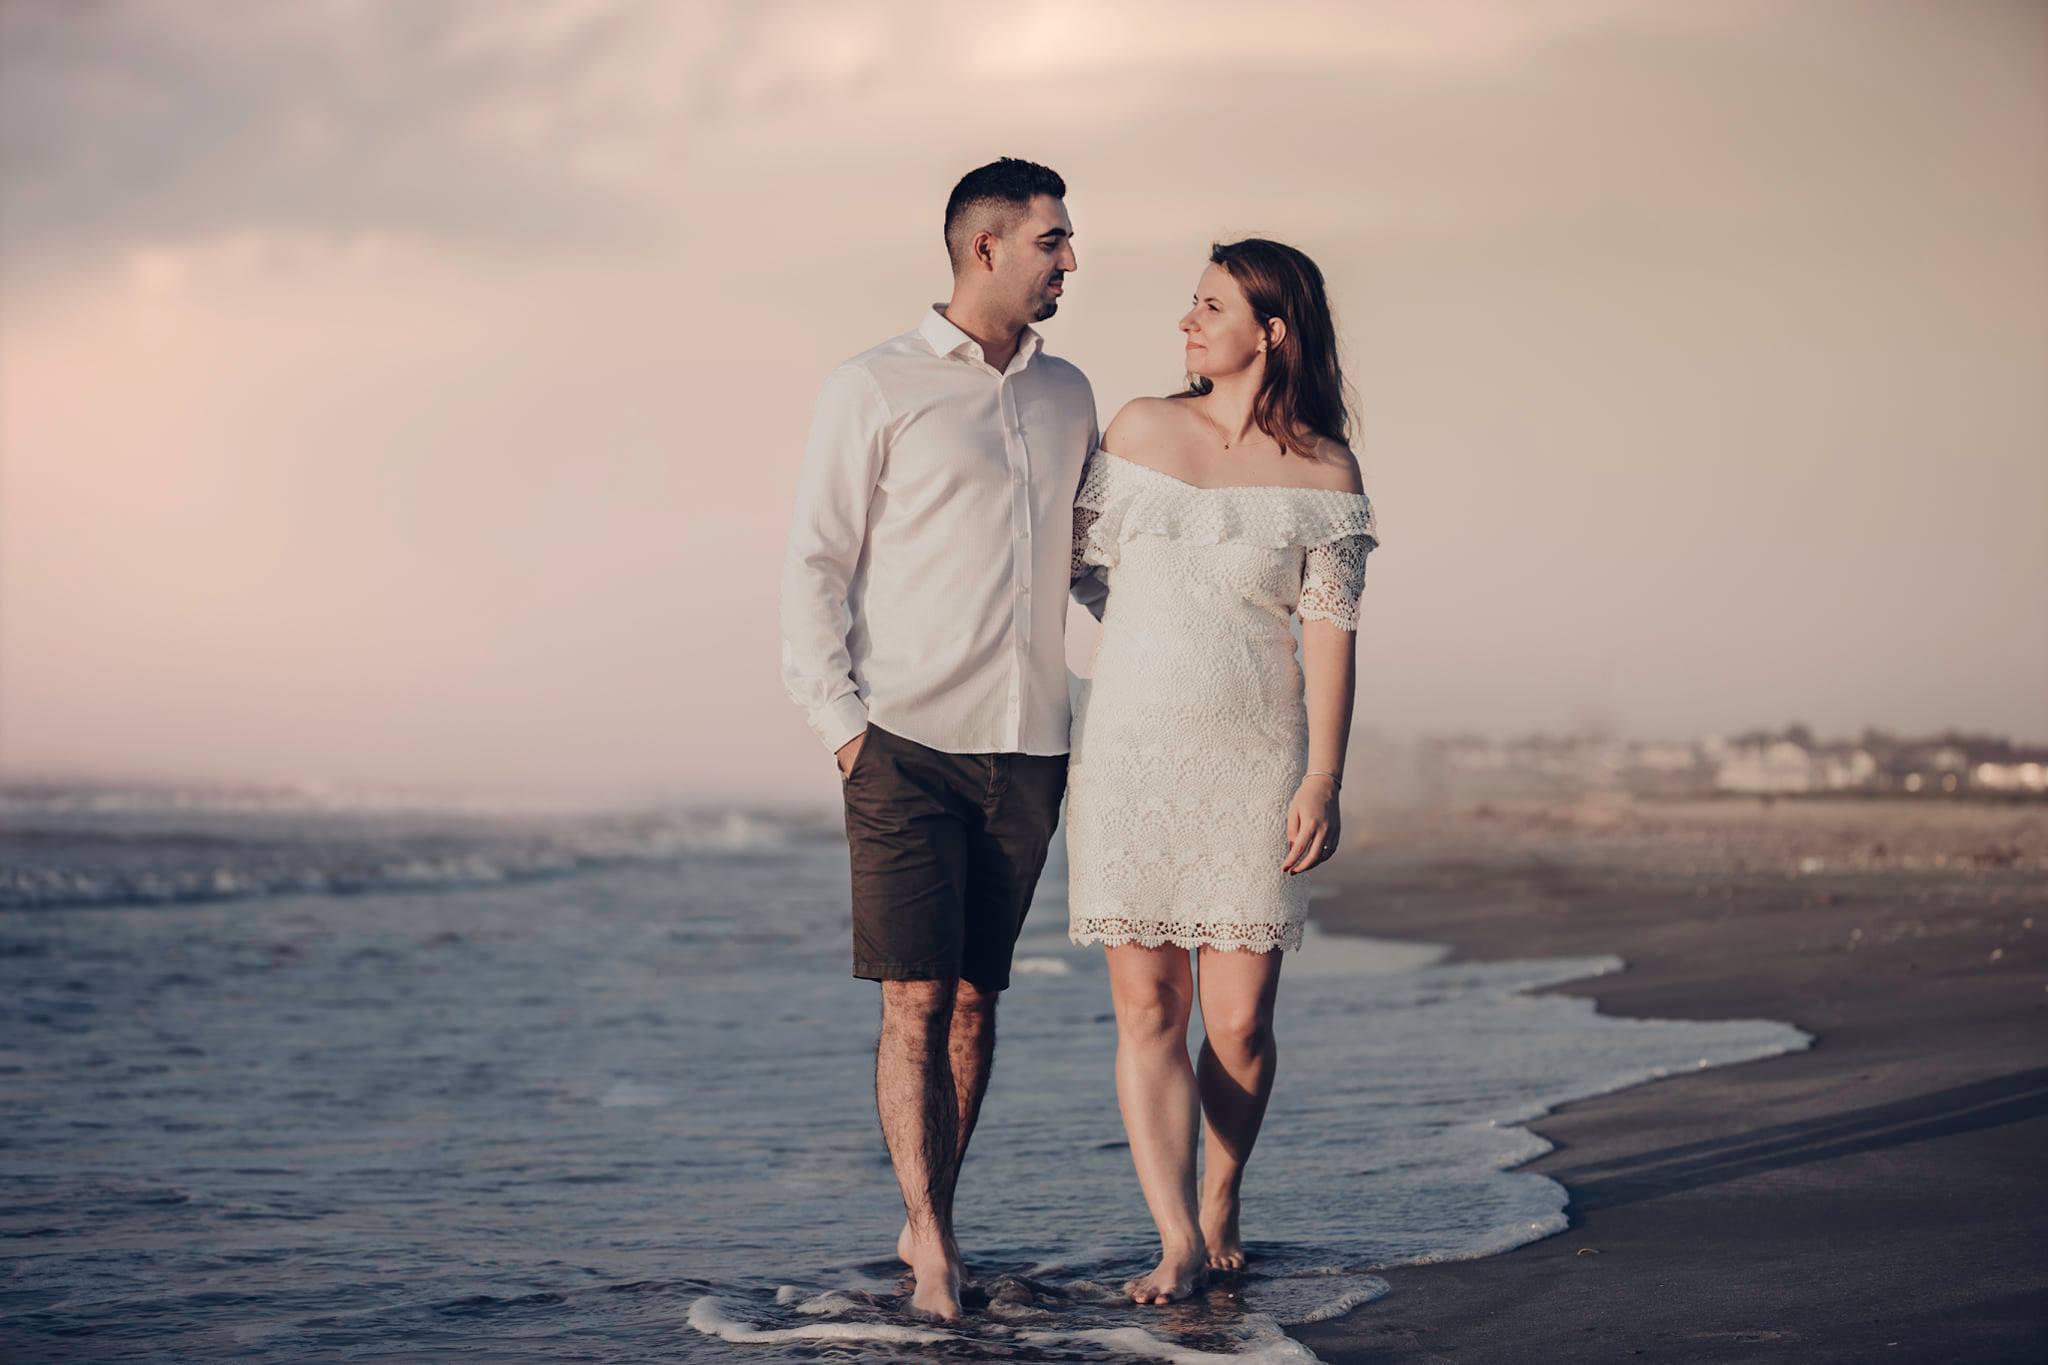 fotograf profesionist nunta bucuresti pret